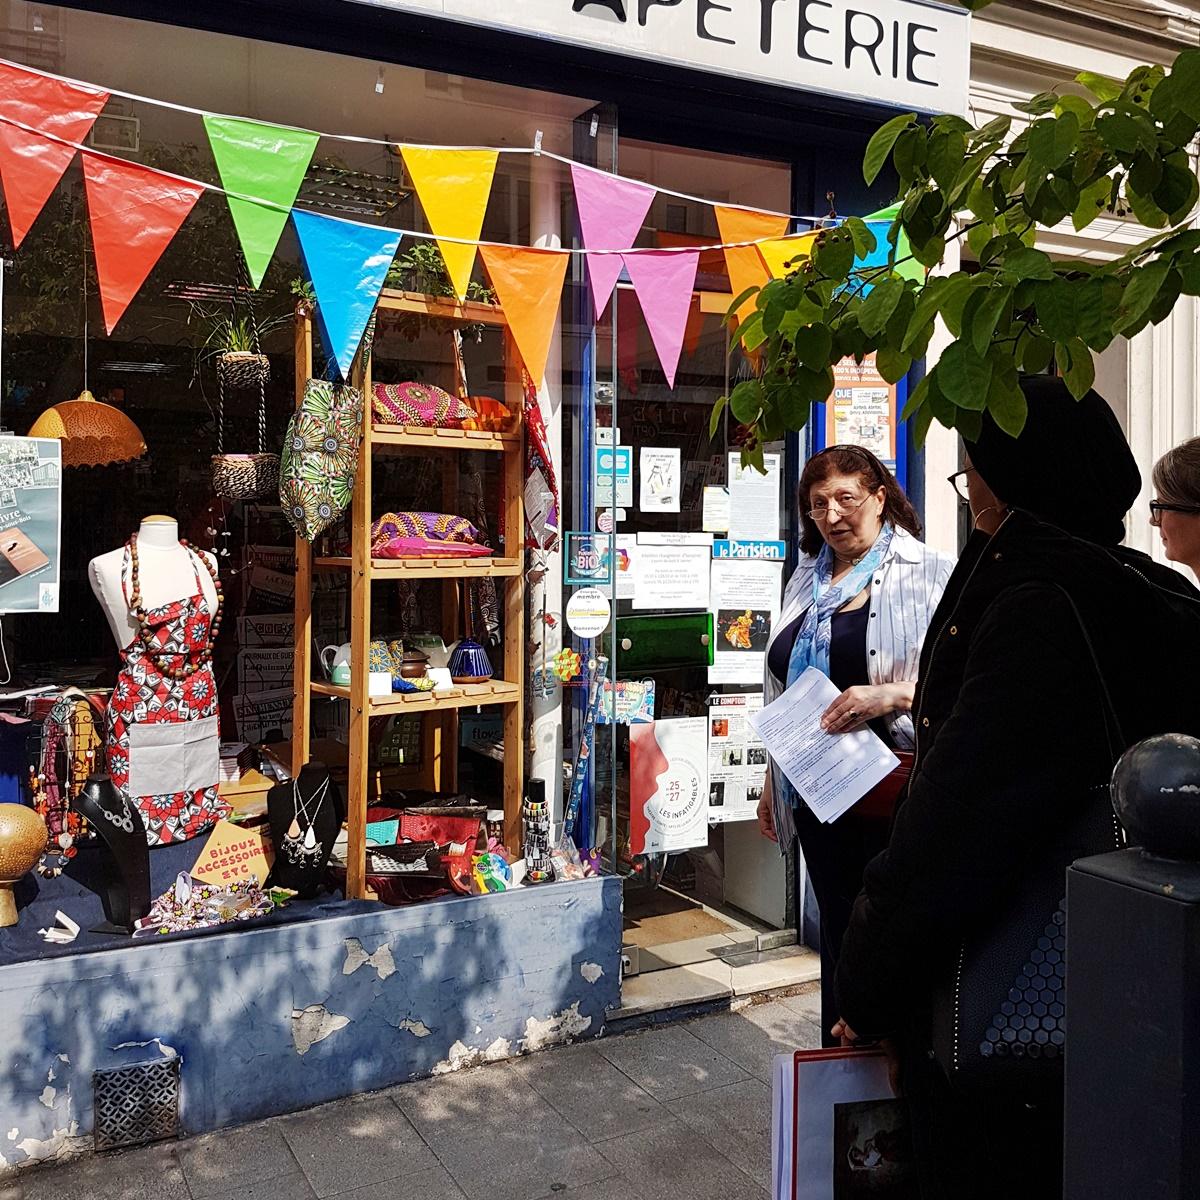 Vignette passeurs culture Explore Paris